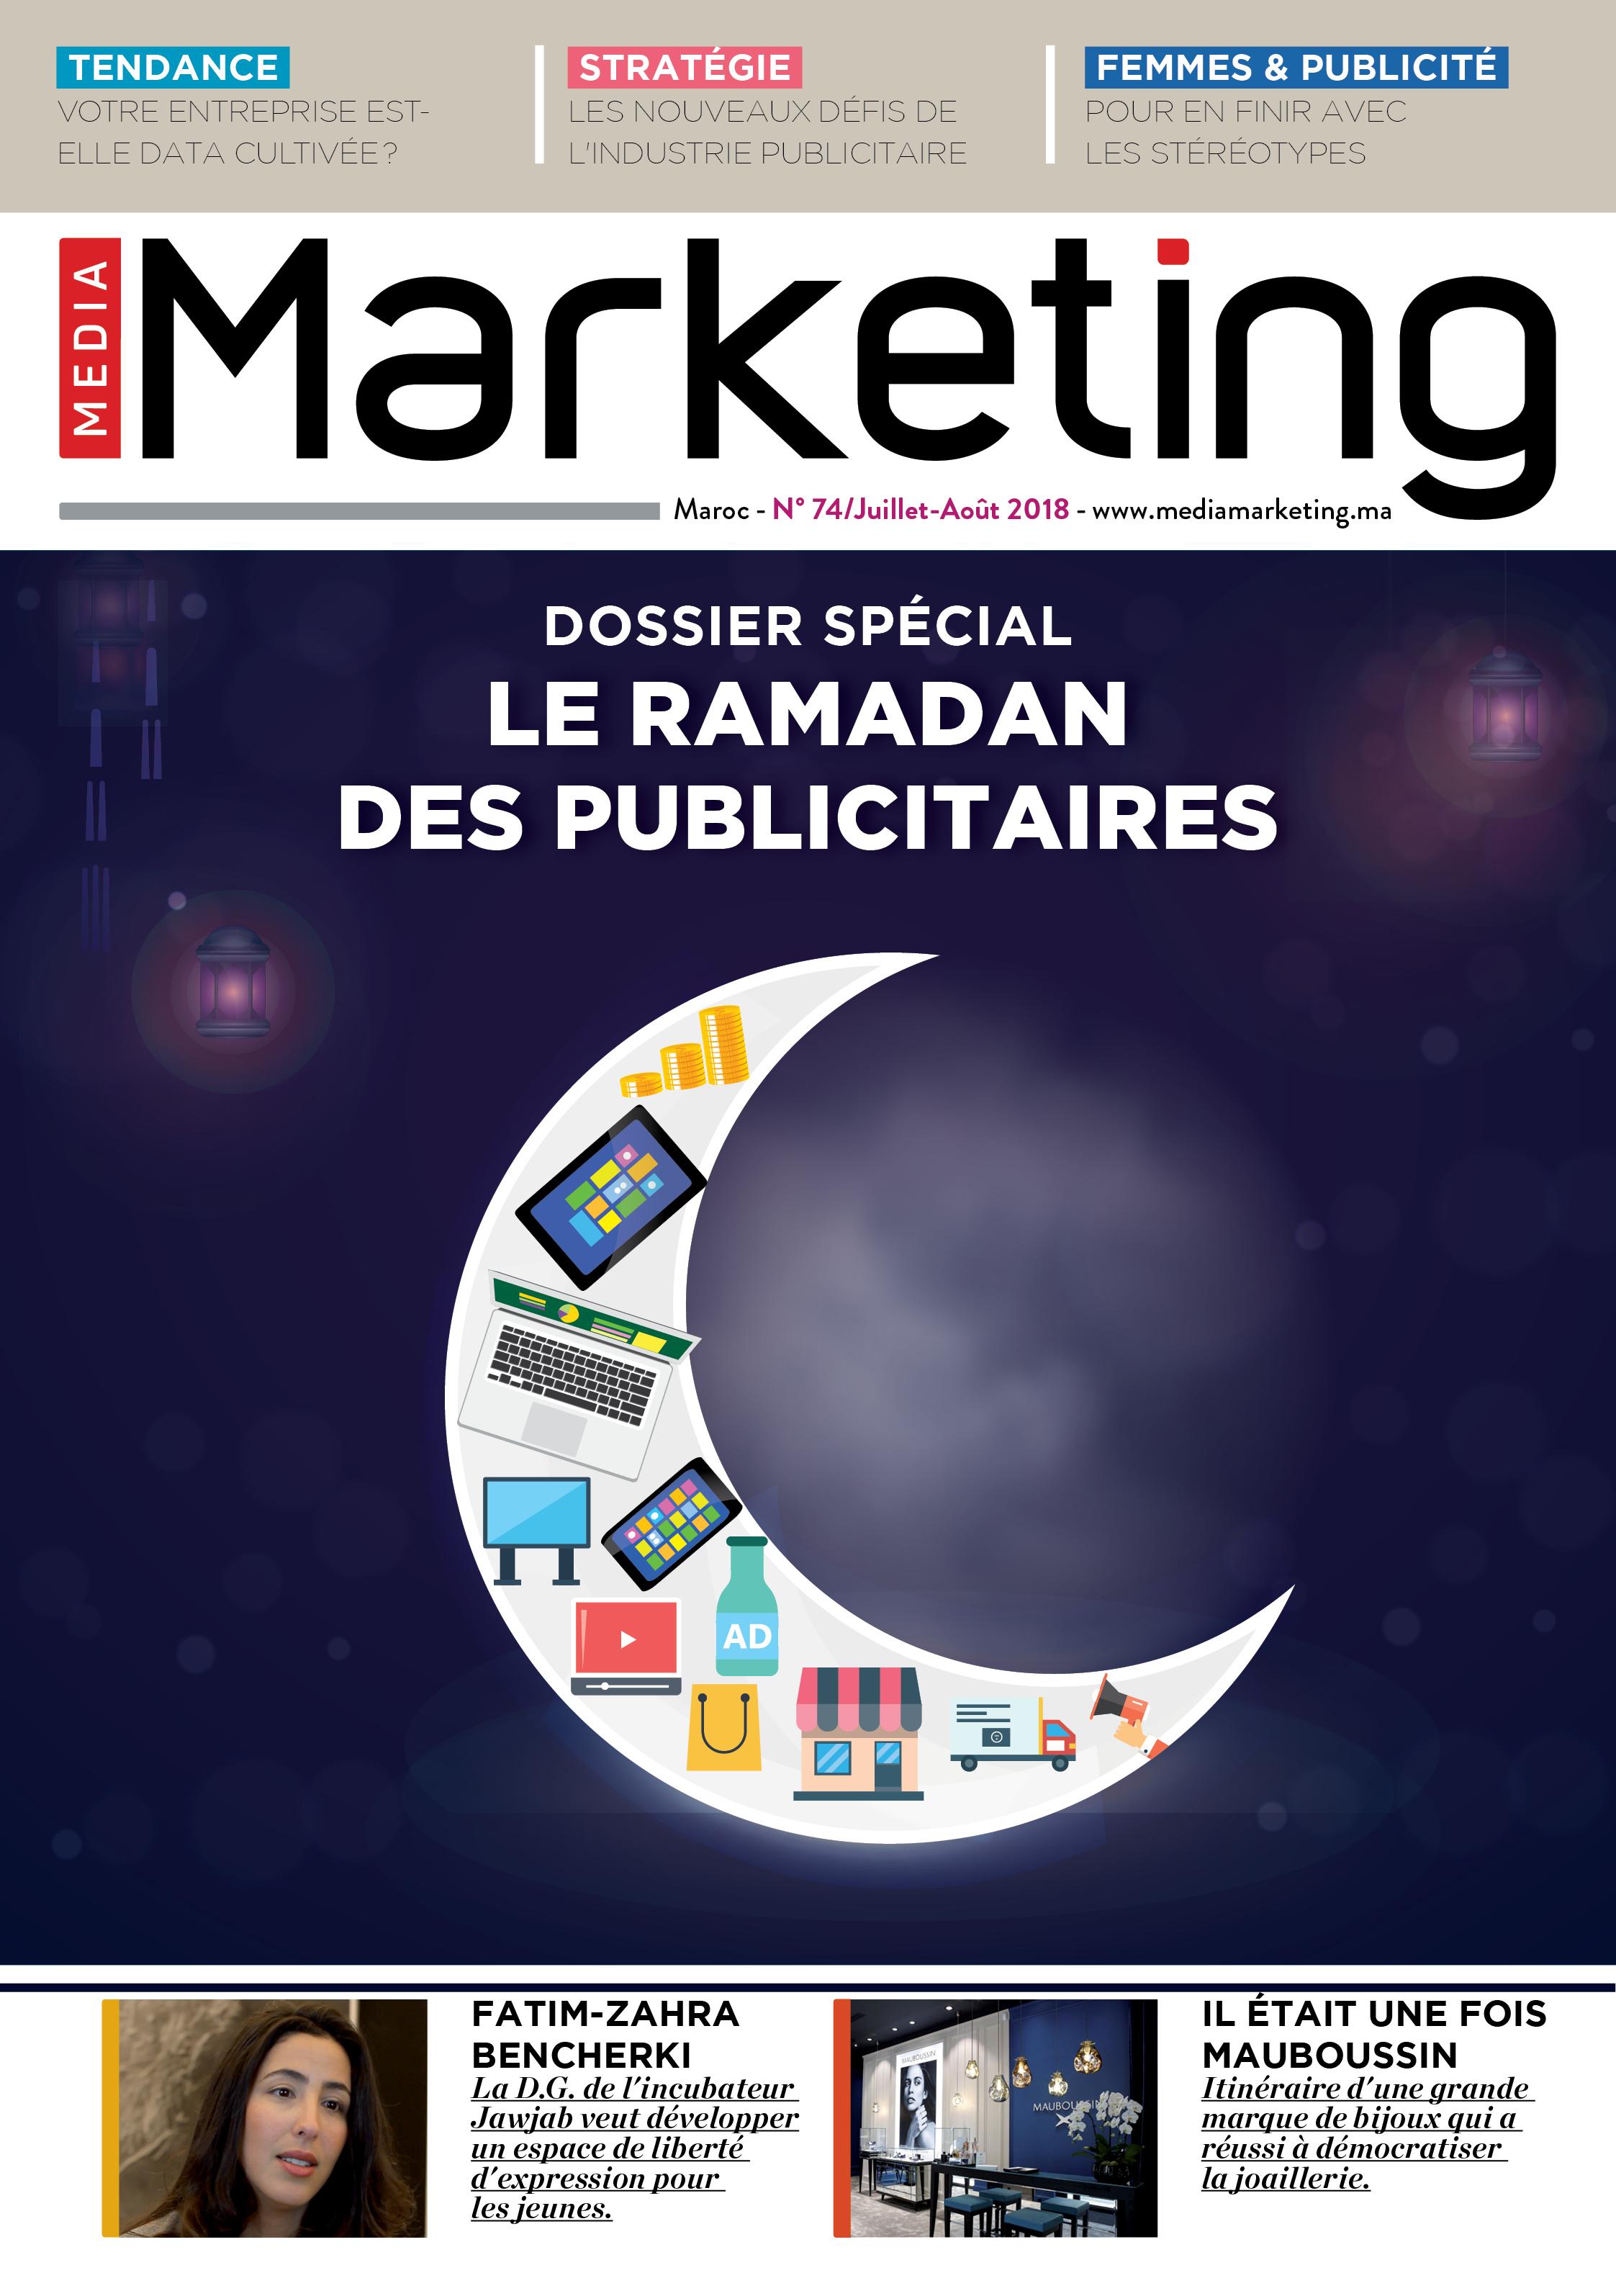 La Une : Le Ramadan des publicitaires